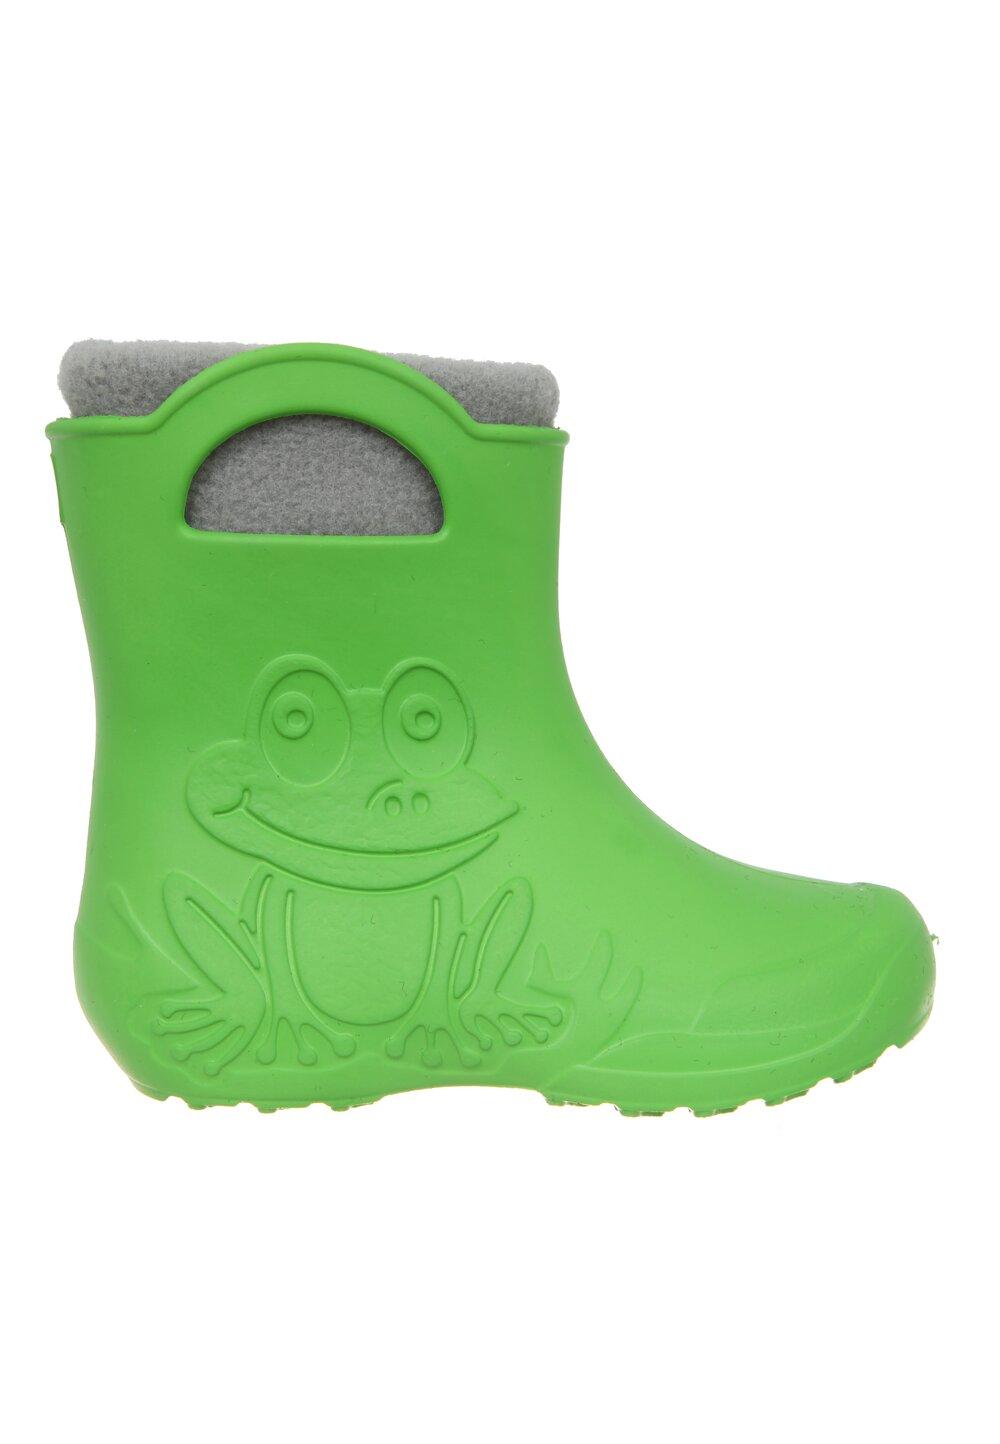 Cizme termoizolante din spuma cu ciorap, Frog, verzi